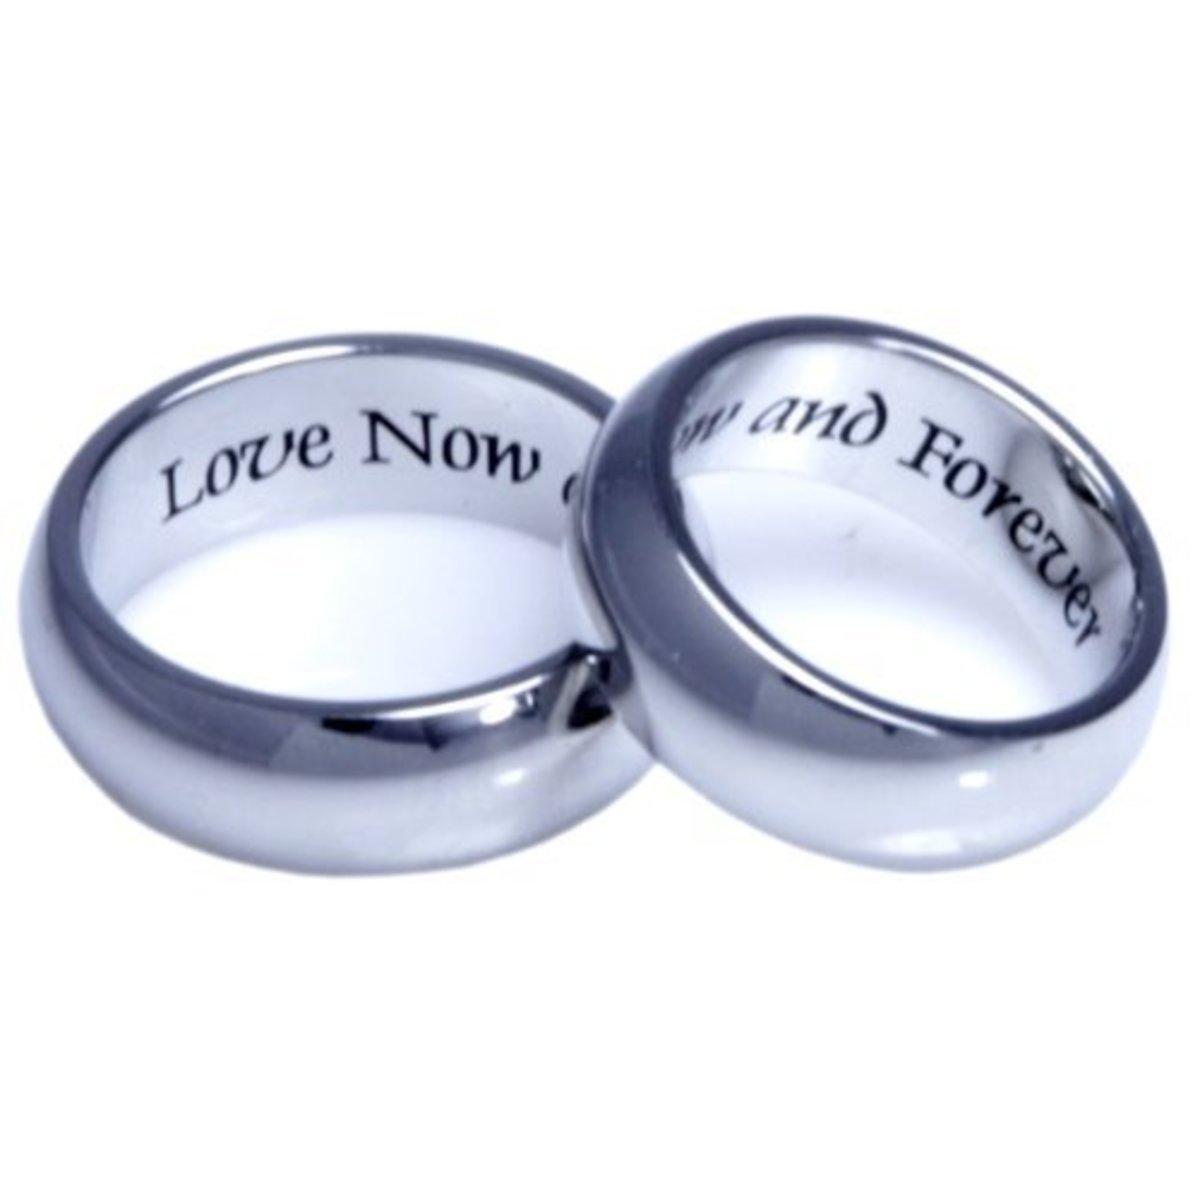 Modern Day Promise Rings